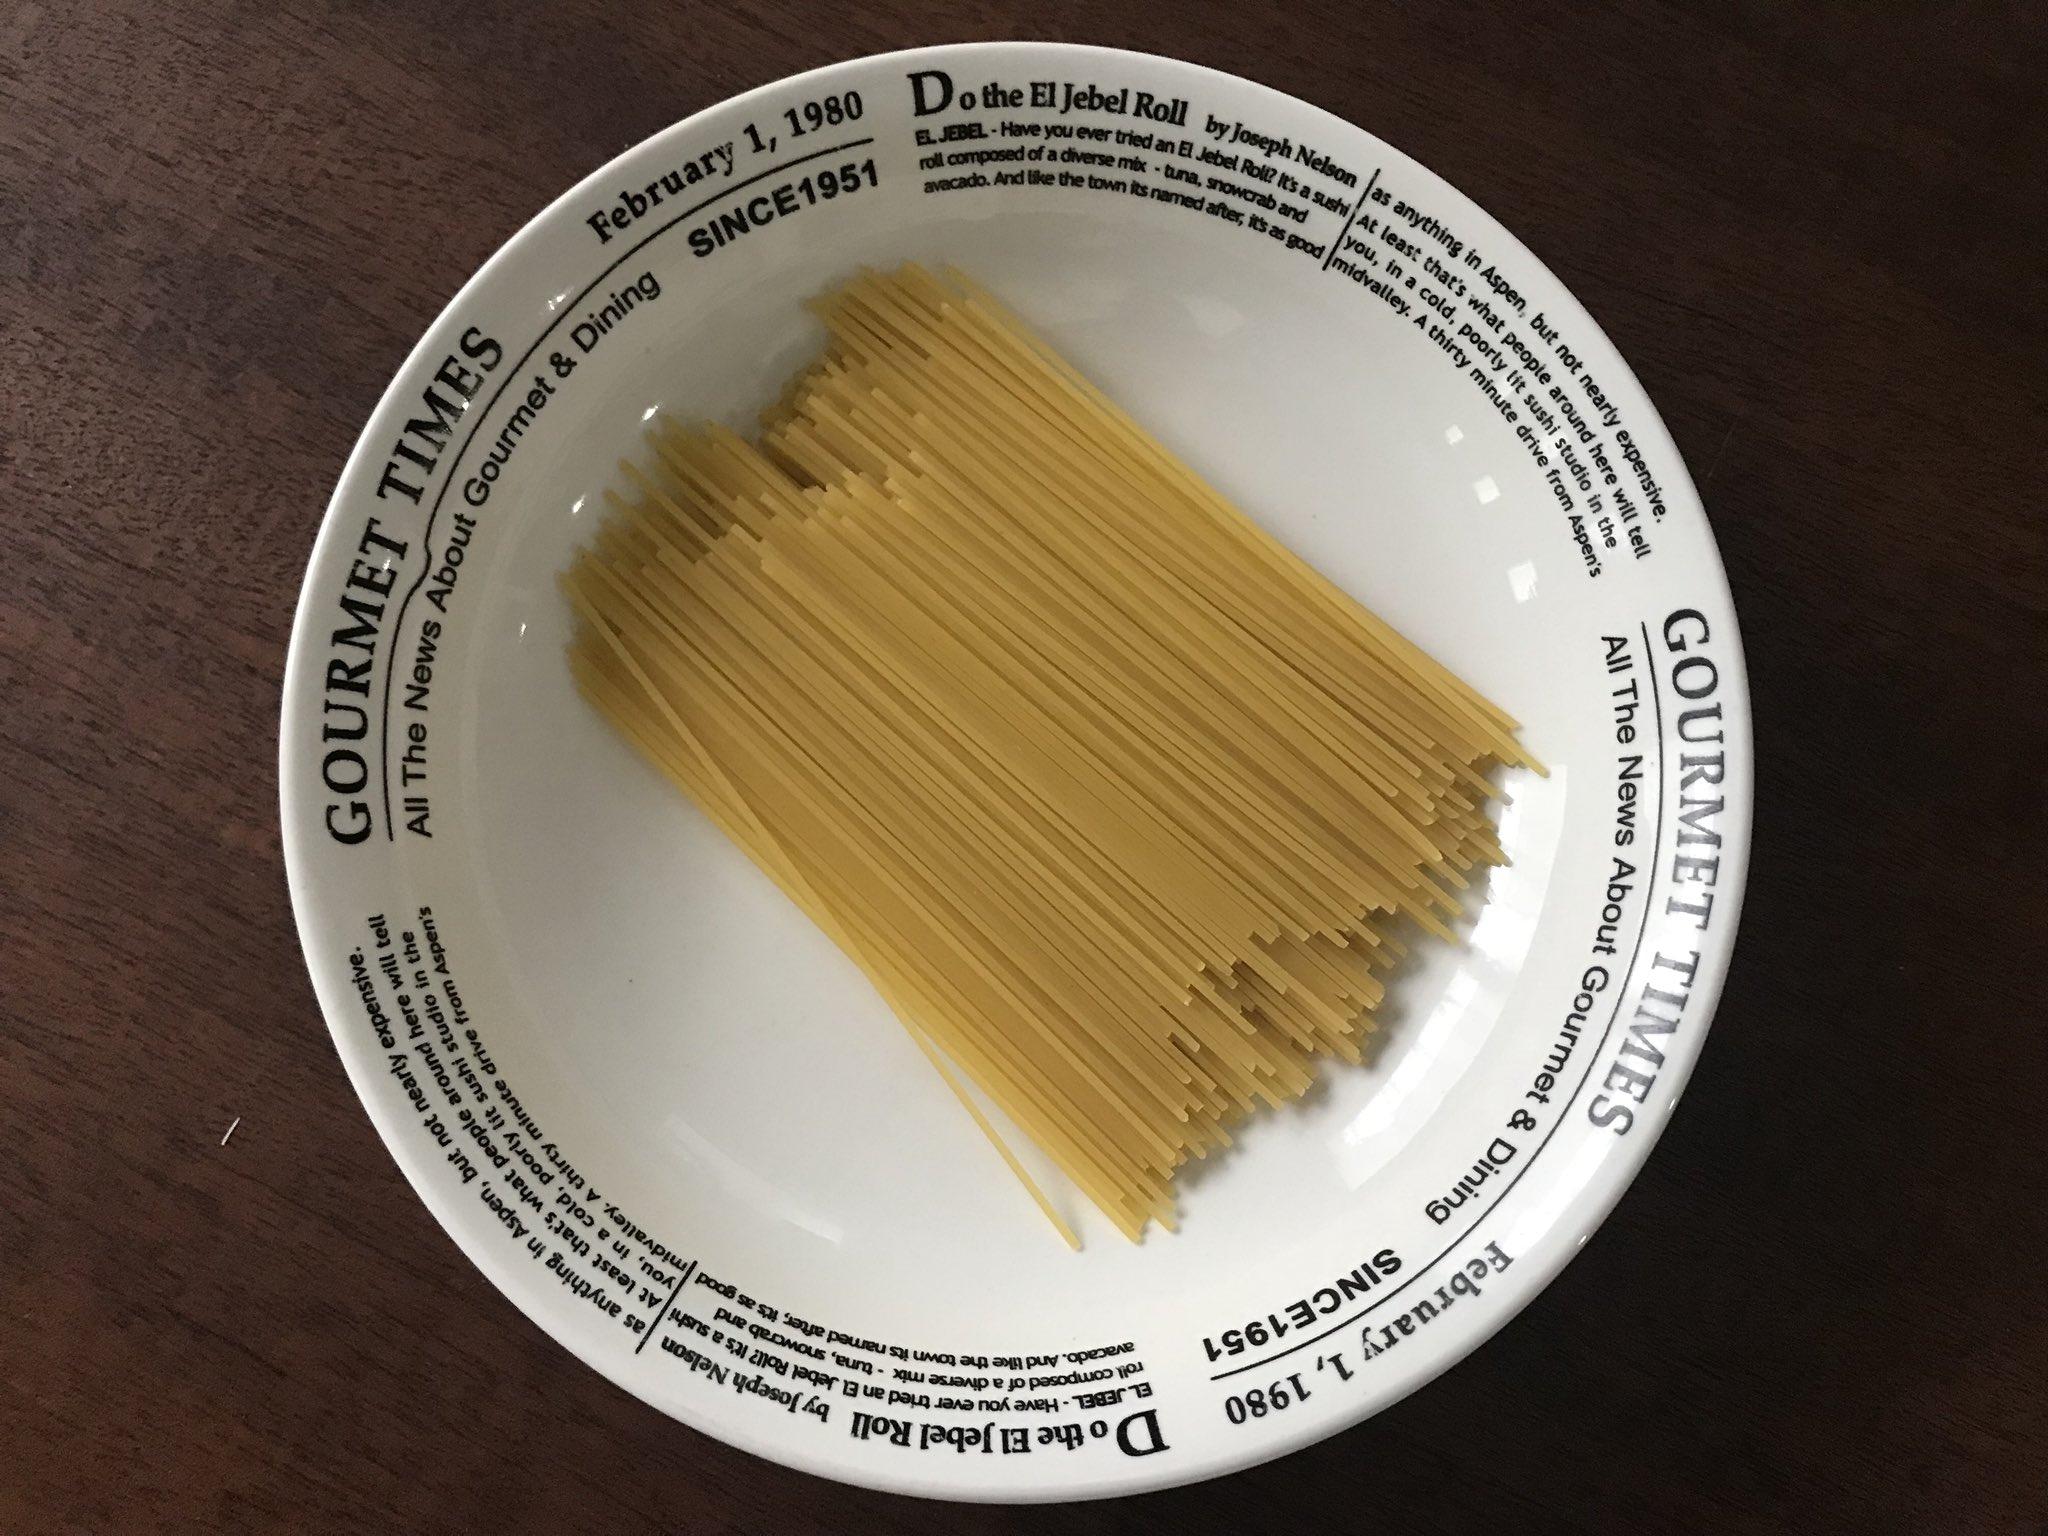 まさかの食卓に出す器でチン‼️これはもう、是非試して 【ネギとツナの鶏ガラ醤油パスタ】 耐熱性の器に、折った麺(追記参照)100g、ねぎ薄切り1/3本、ツナ1/2缶、[水260ml、顆粒鶏ガラ小さじ1、塩少々]を入れラップ無しで袋の表示時間➕3分チン。バター、醤油各小さじ1、塩胡椒で味を調える。